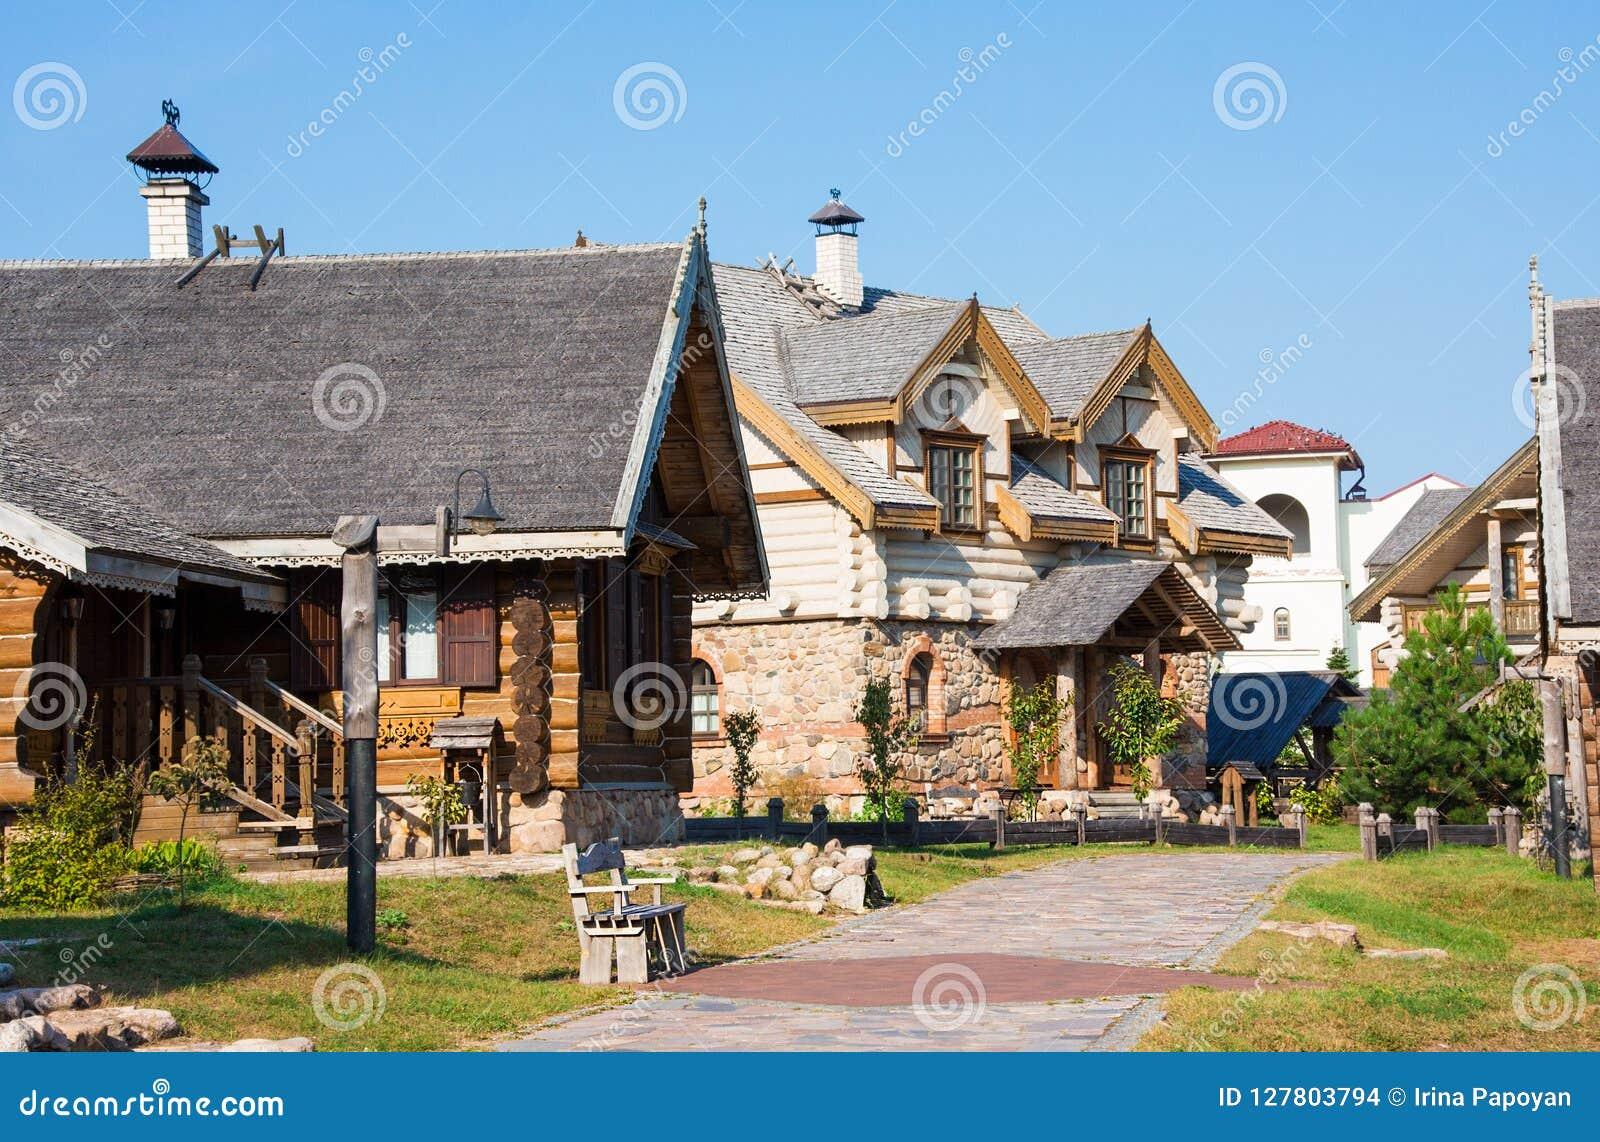 Nanosy-Novoselye complesso etnoculturale È complesso storico della ricreazione, che gli rende la posizione